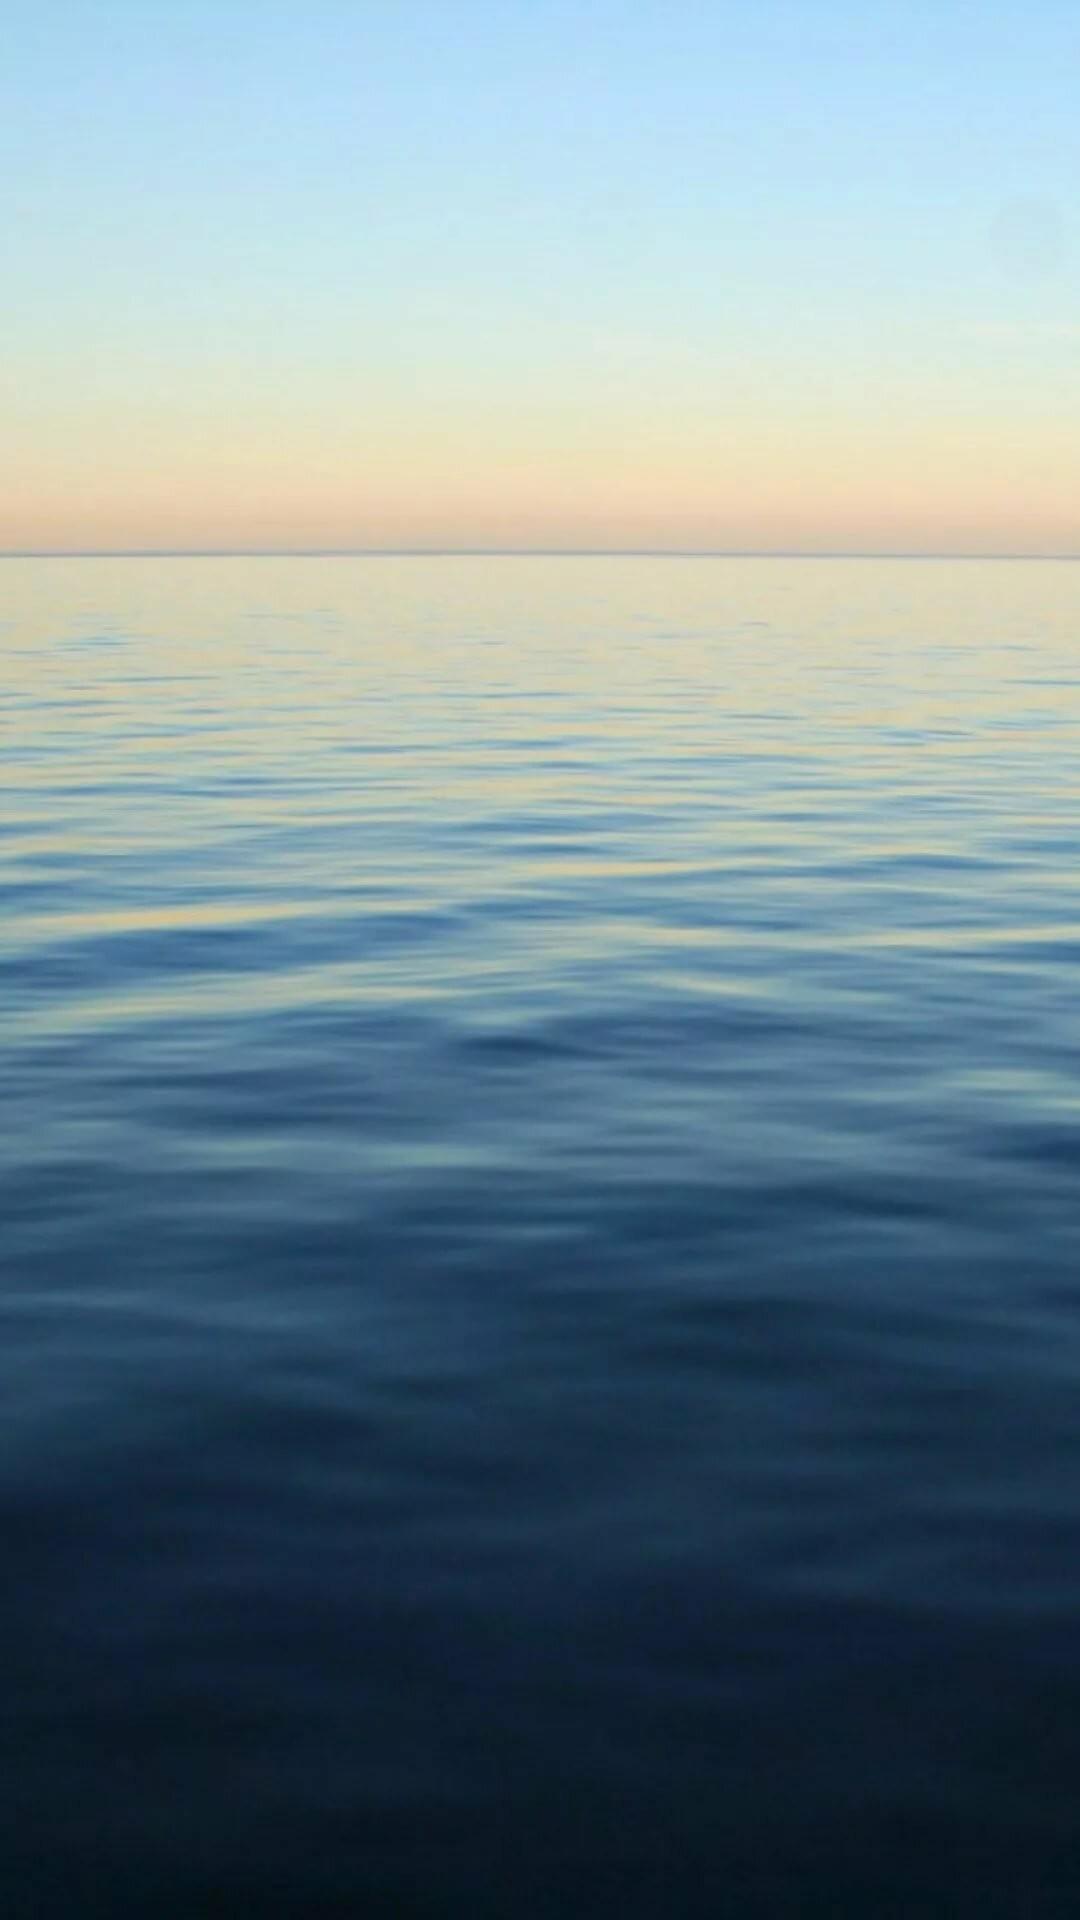 Ocean iphone 5 wallpaper